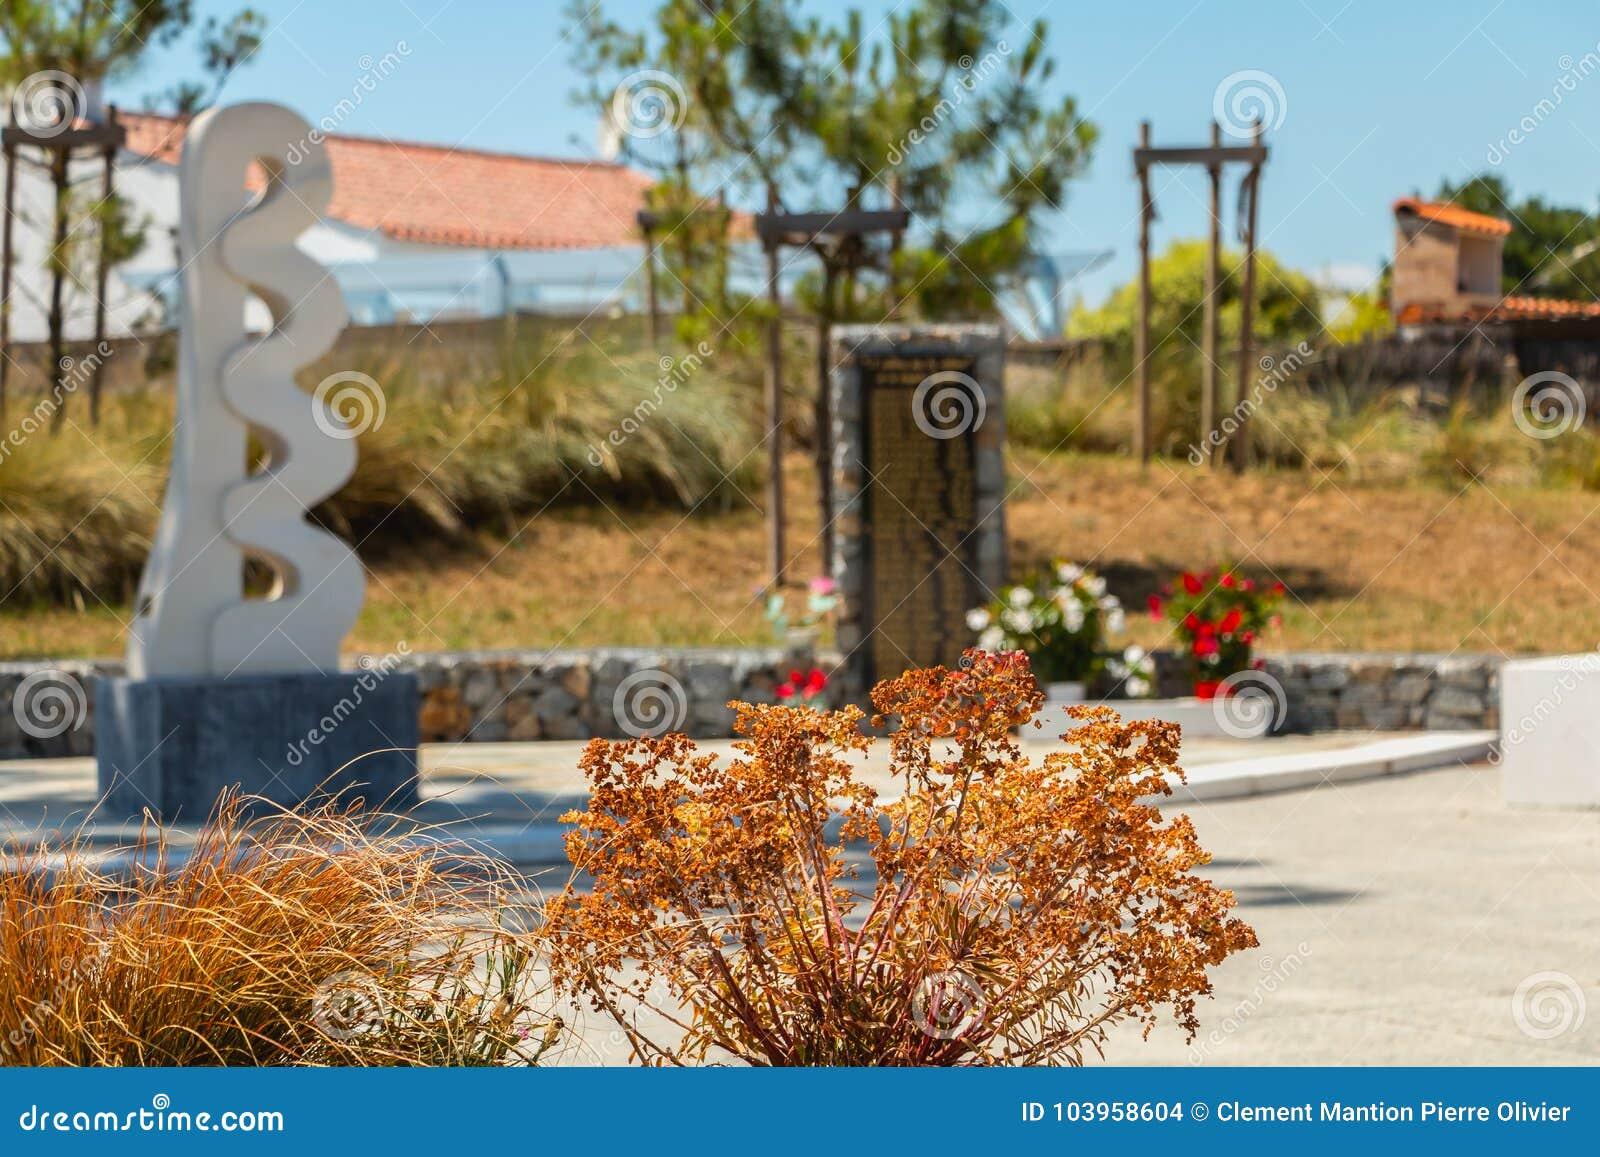 6595fdcefb2e1 LA FAUTE SUR MER   FRANCES - 6 juillet 2016   le monument pour la mémoire  des 29 victimes qui sont mortes en le 28 février 2010 suivant l immersion  marine a ...